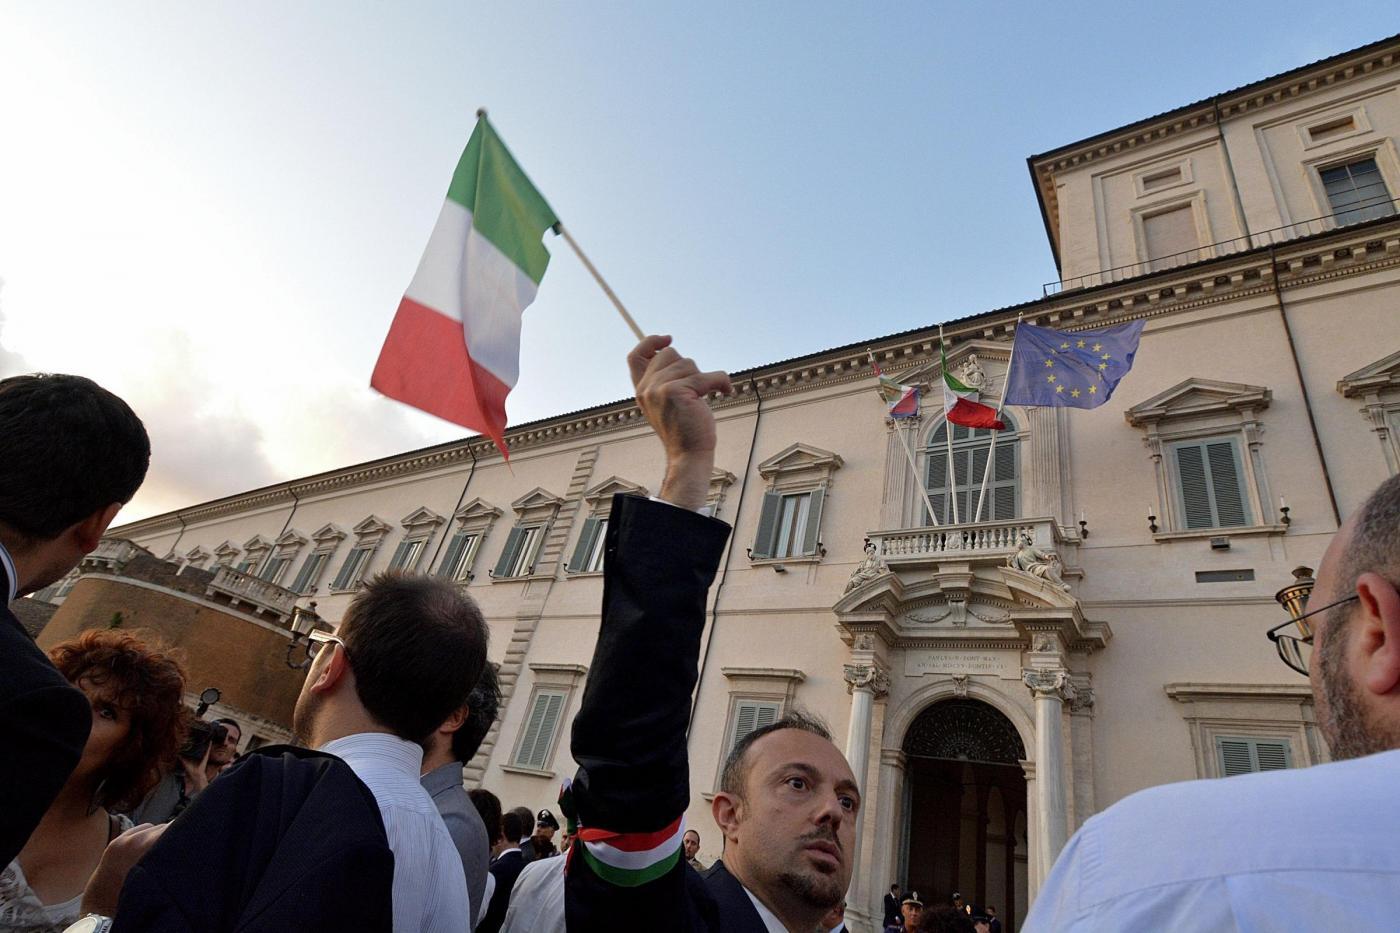 Consultazioni Quirinale, Renzi candida Mattarella